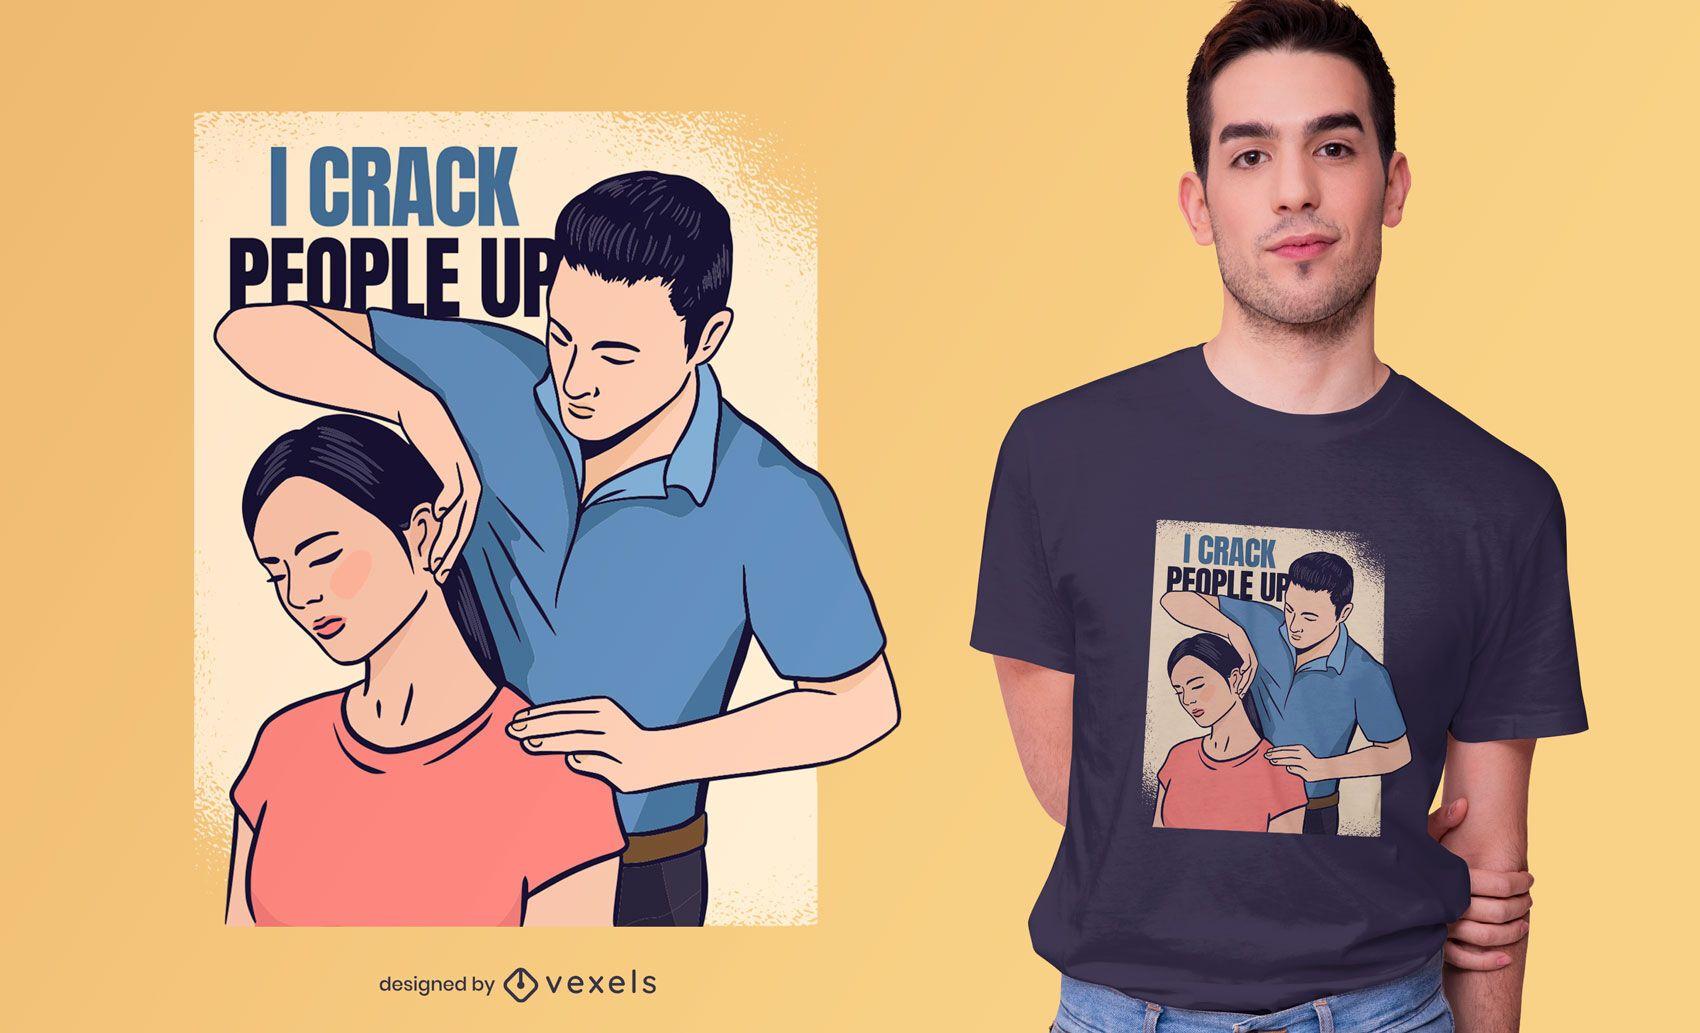 Crack people up t-shirt design